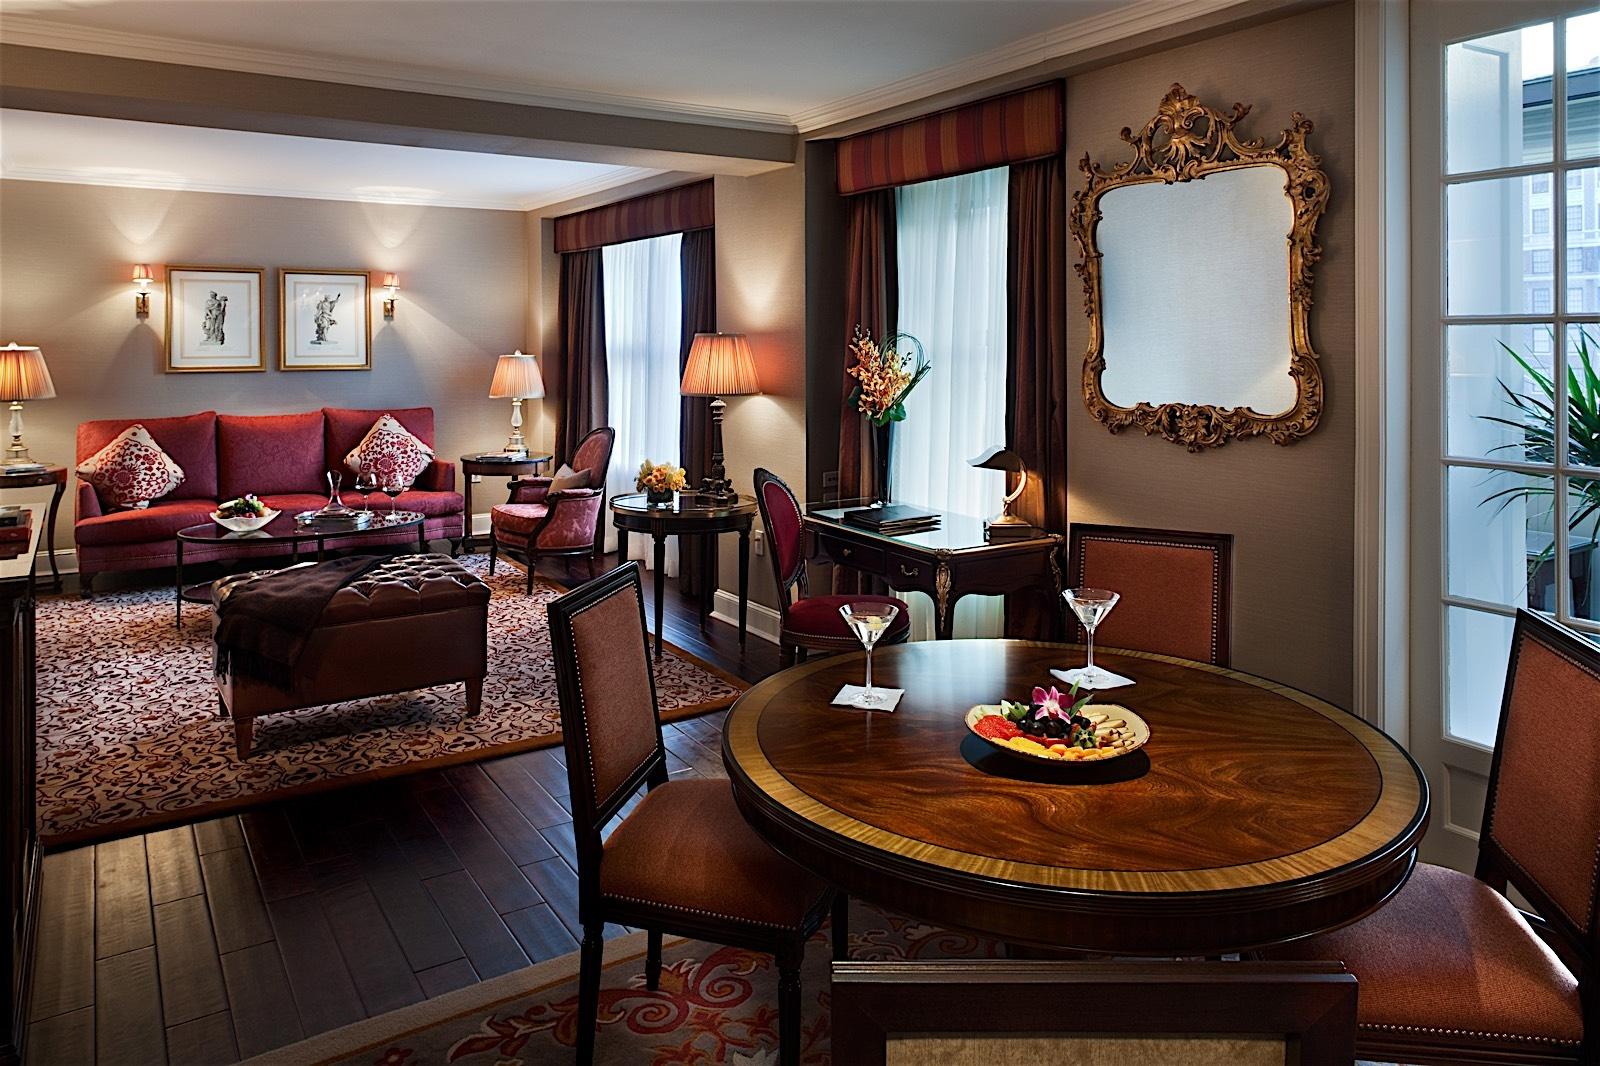 Hotel Plaza Athenee image 2